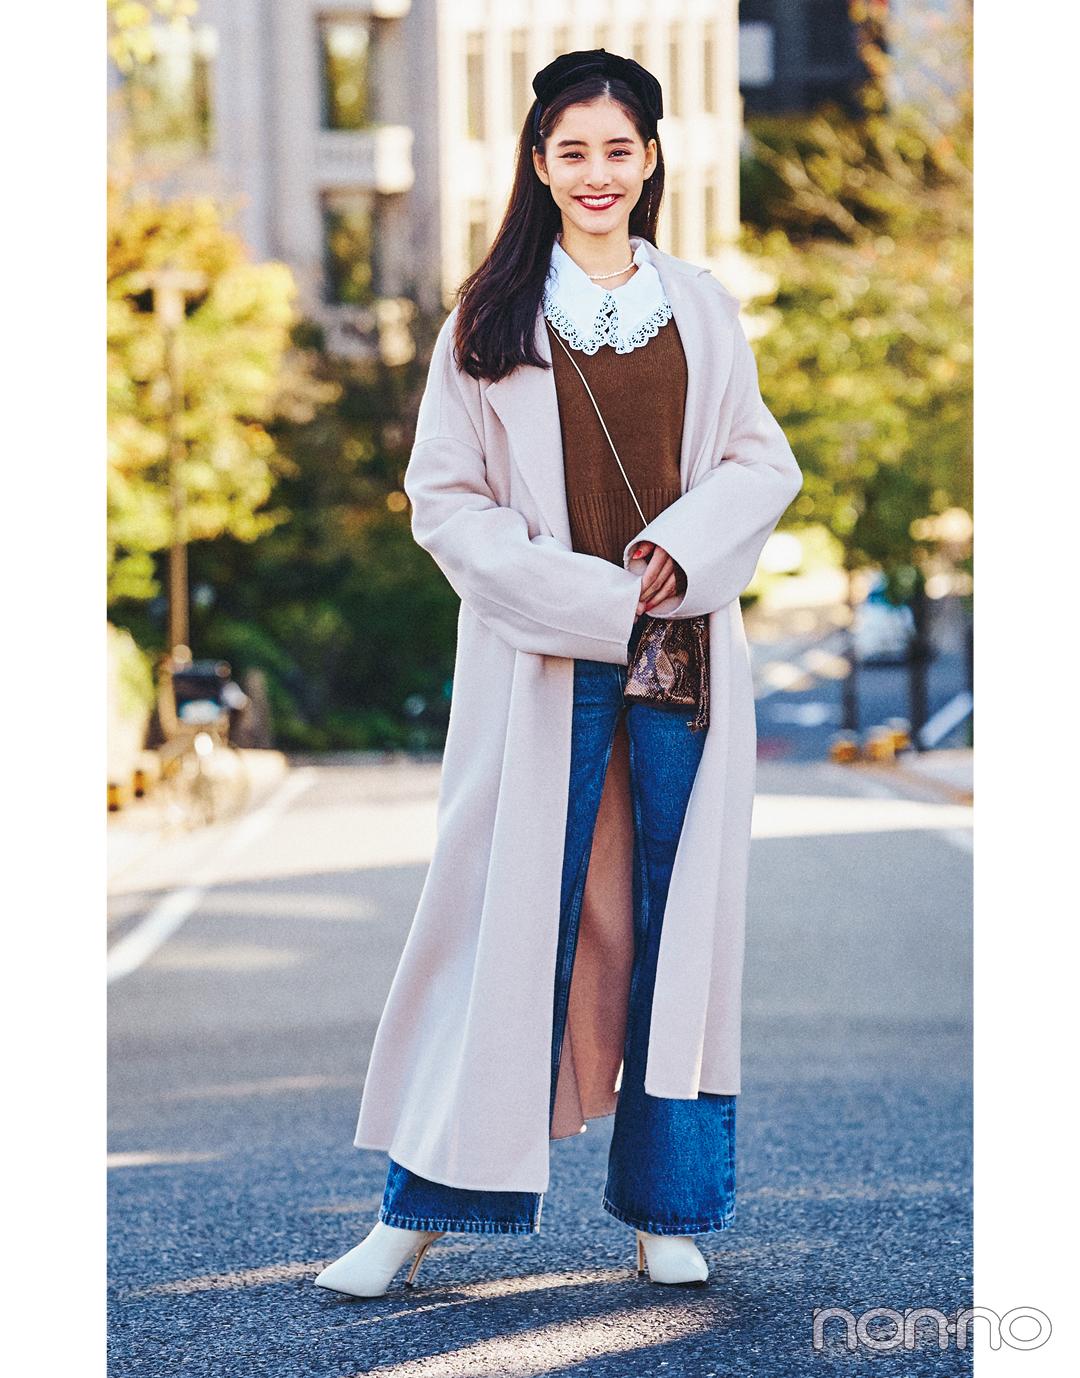 Photo Gallery 着こなしの参考に♡ ノンノモデルのリアル私服を公開!_1_5